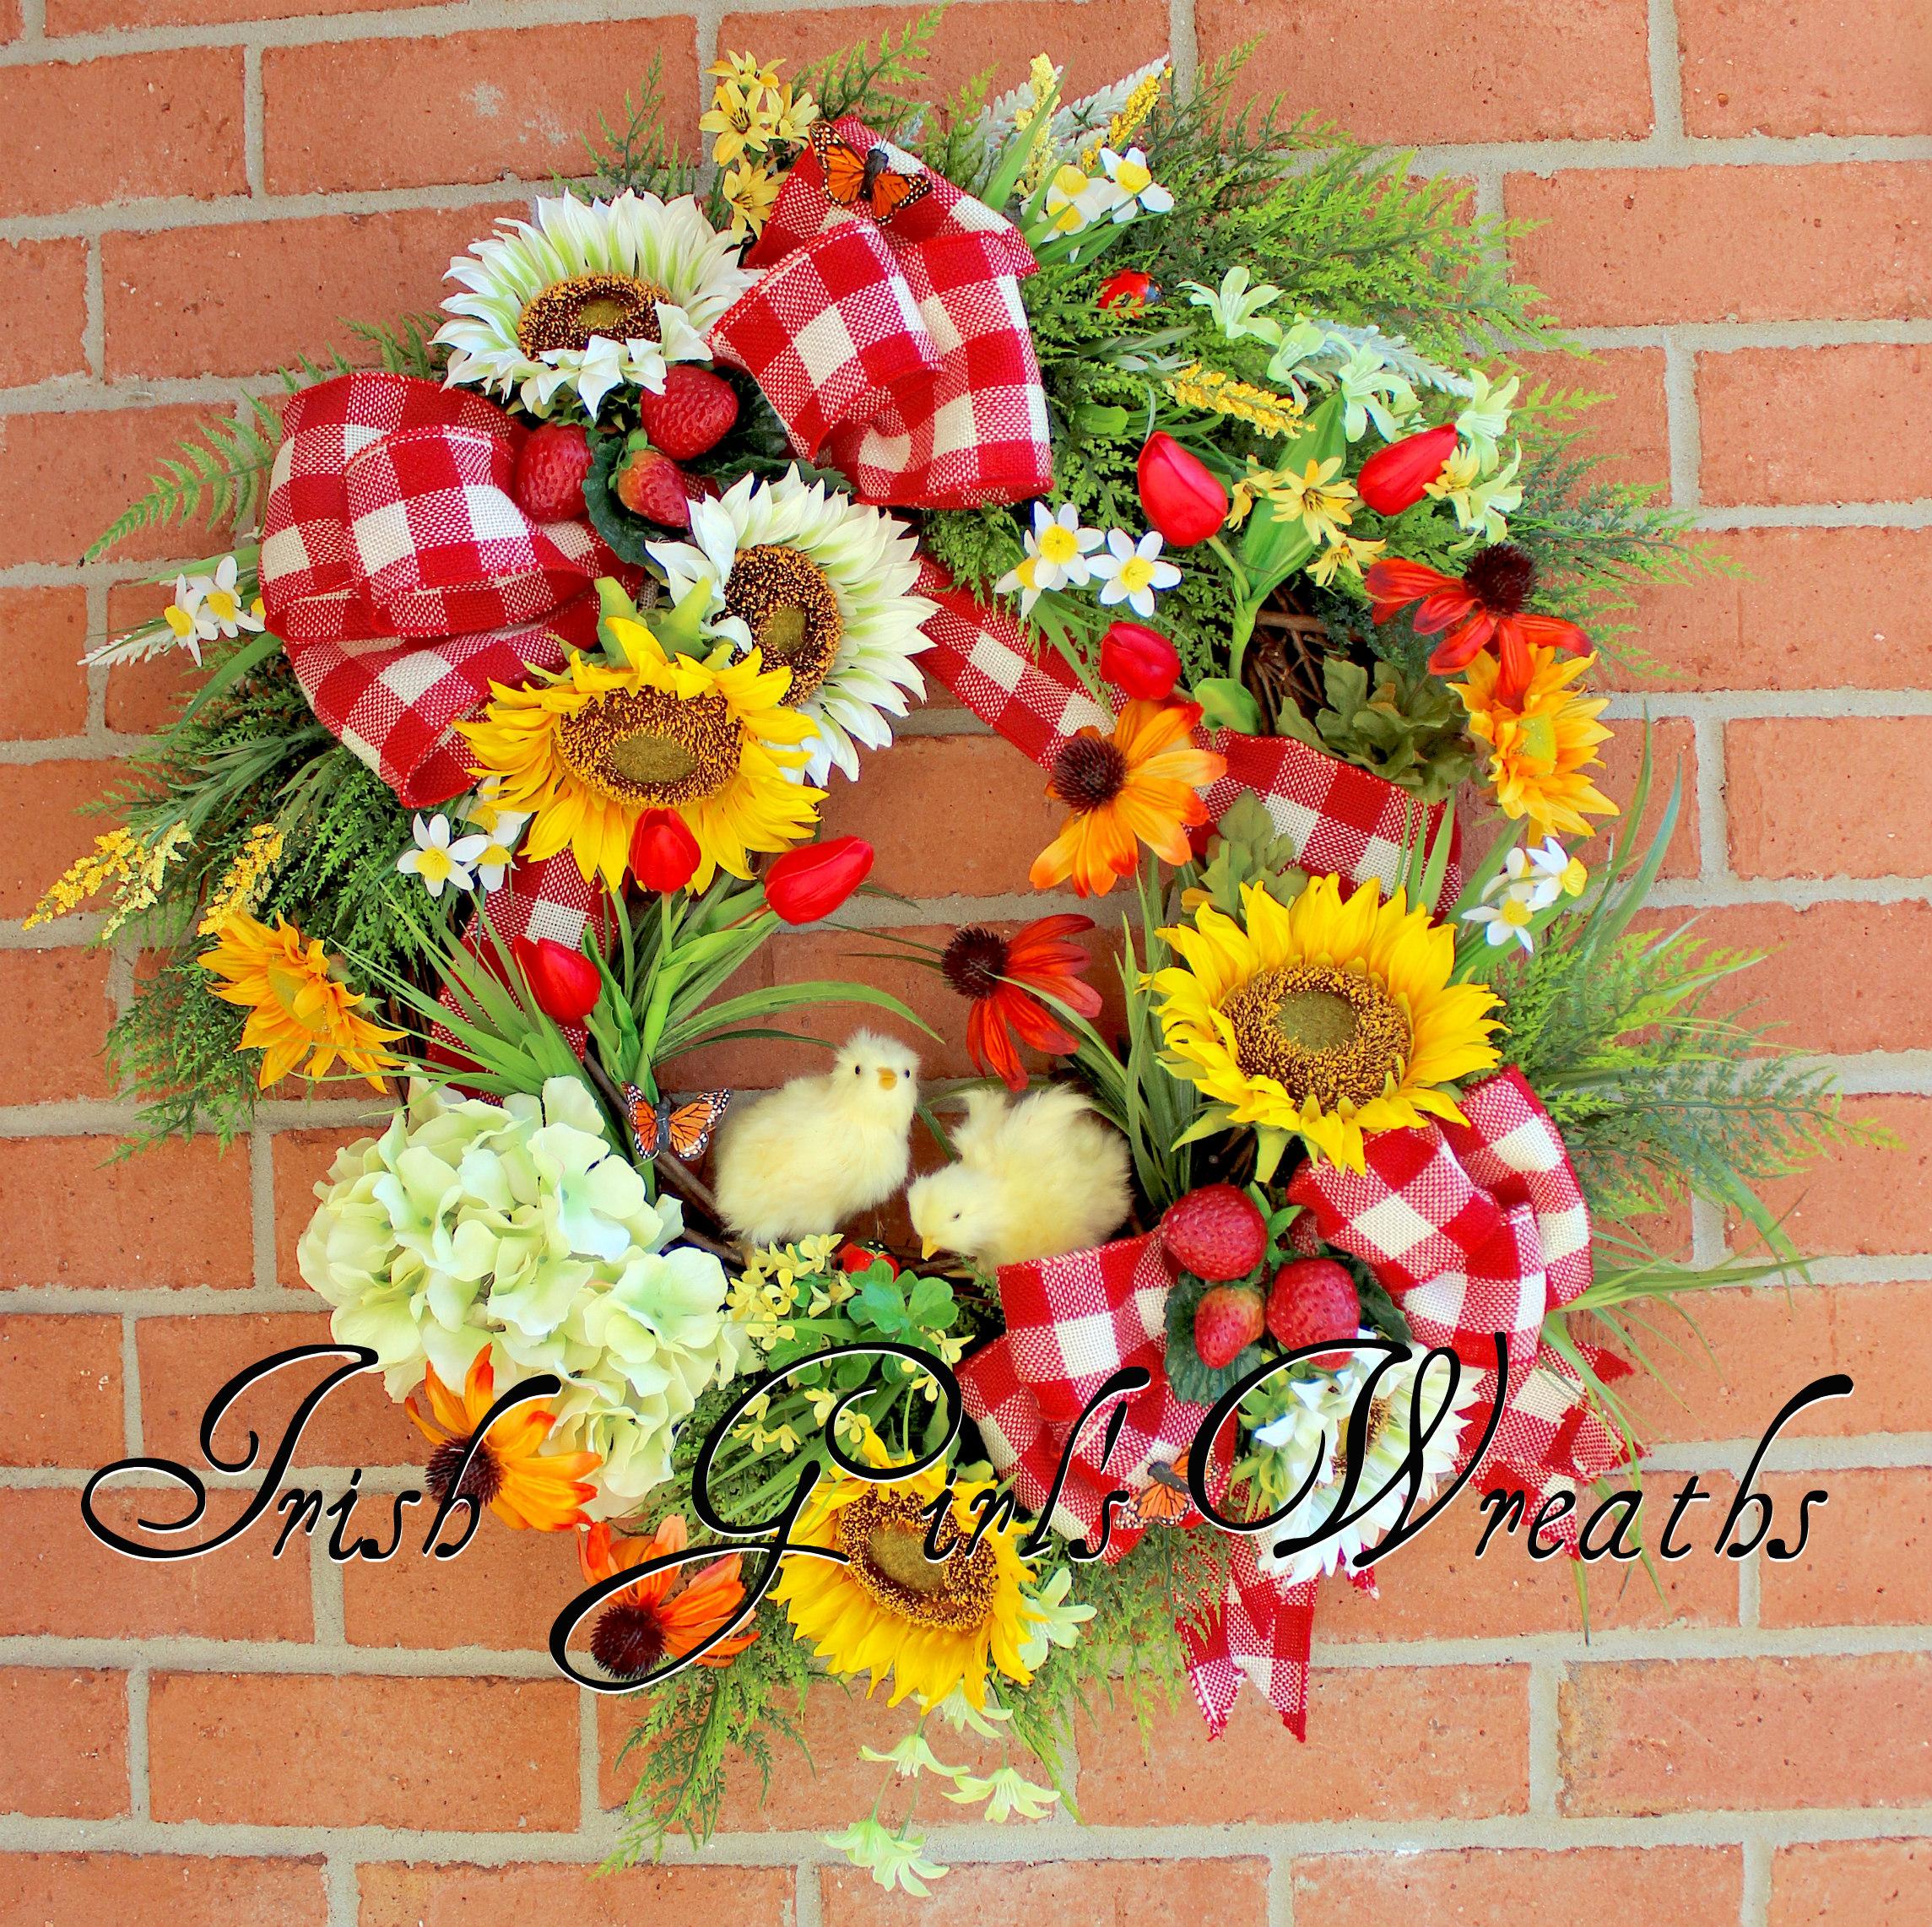 Springtime Chicks on the Farm Wreath- Custom for CLAIRE